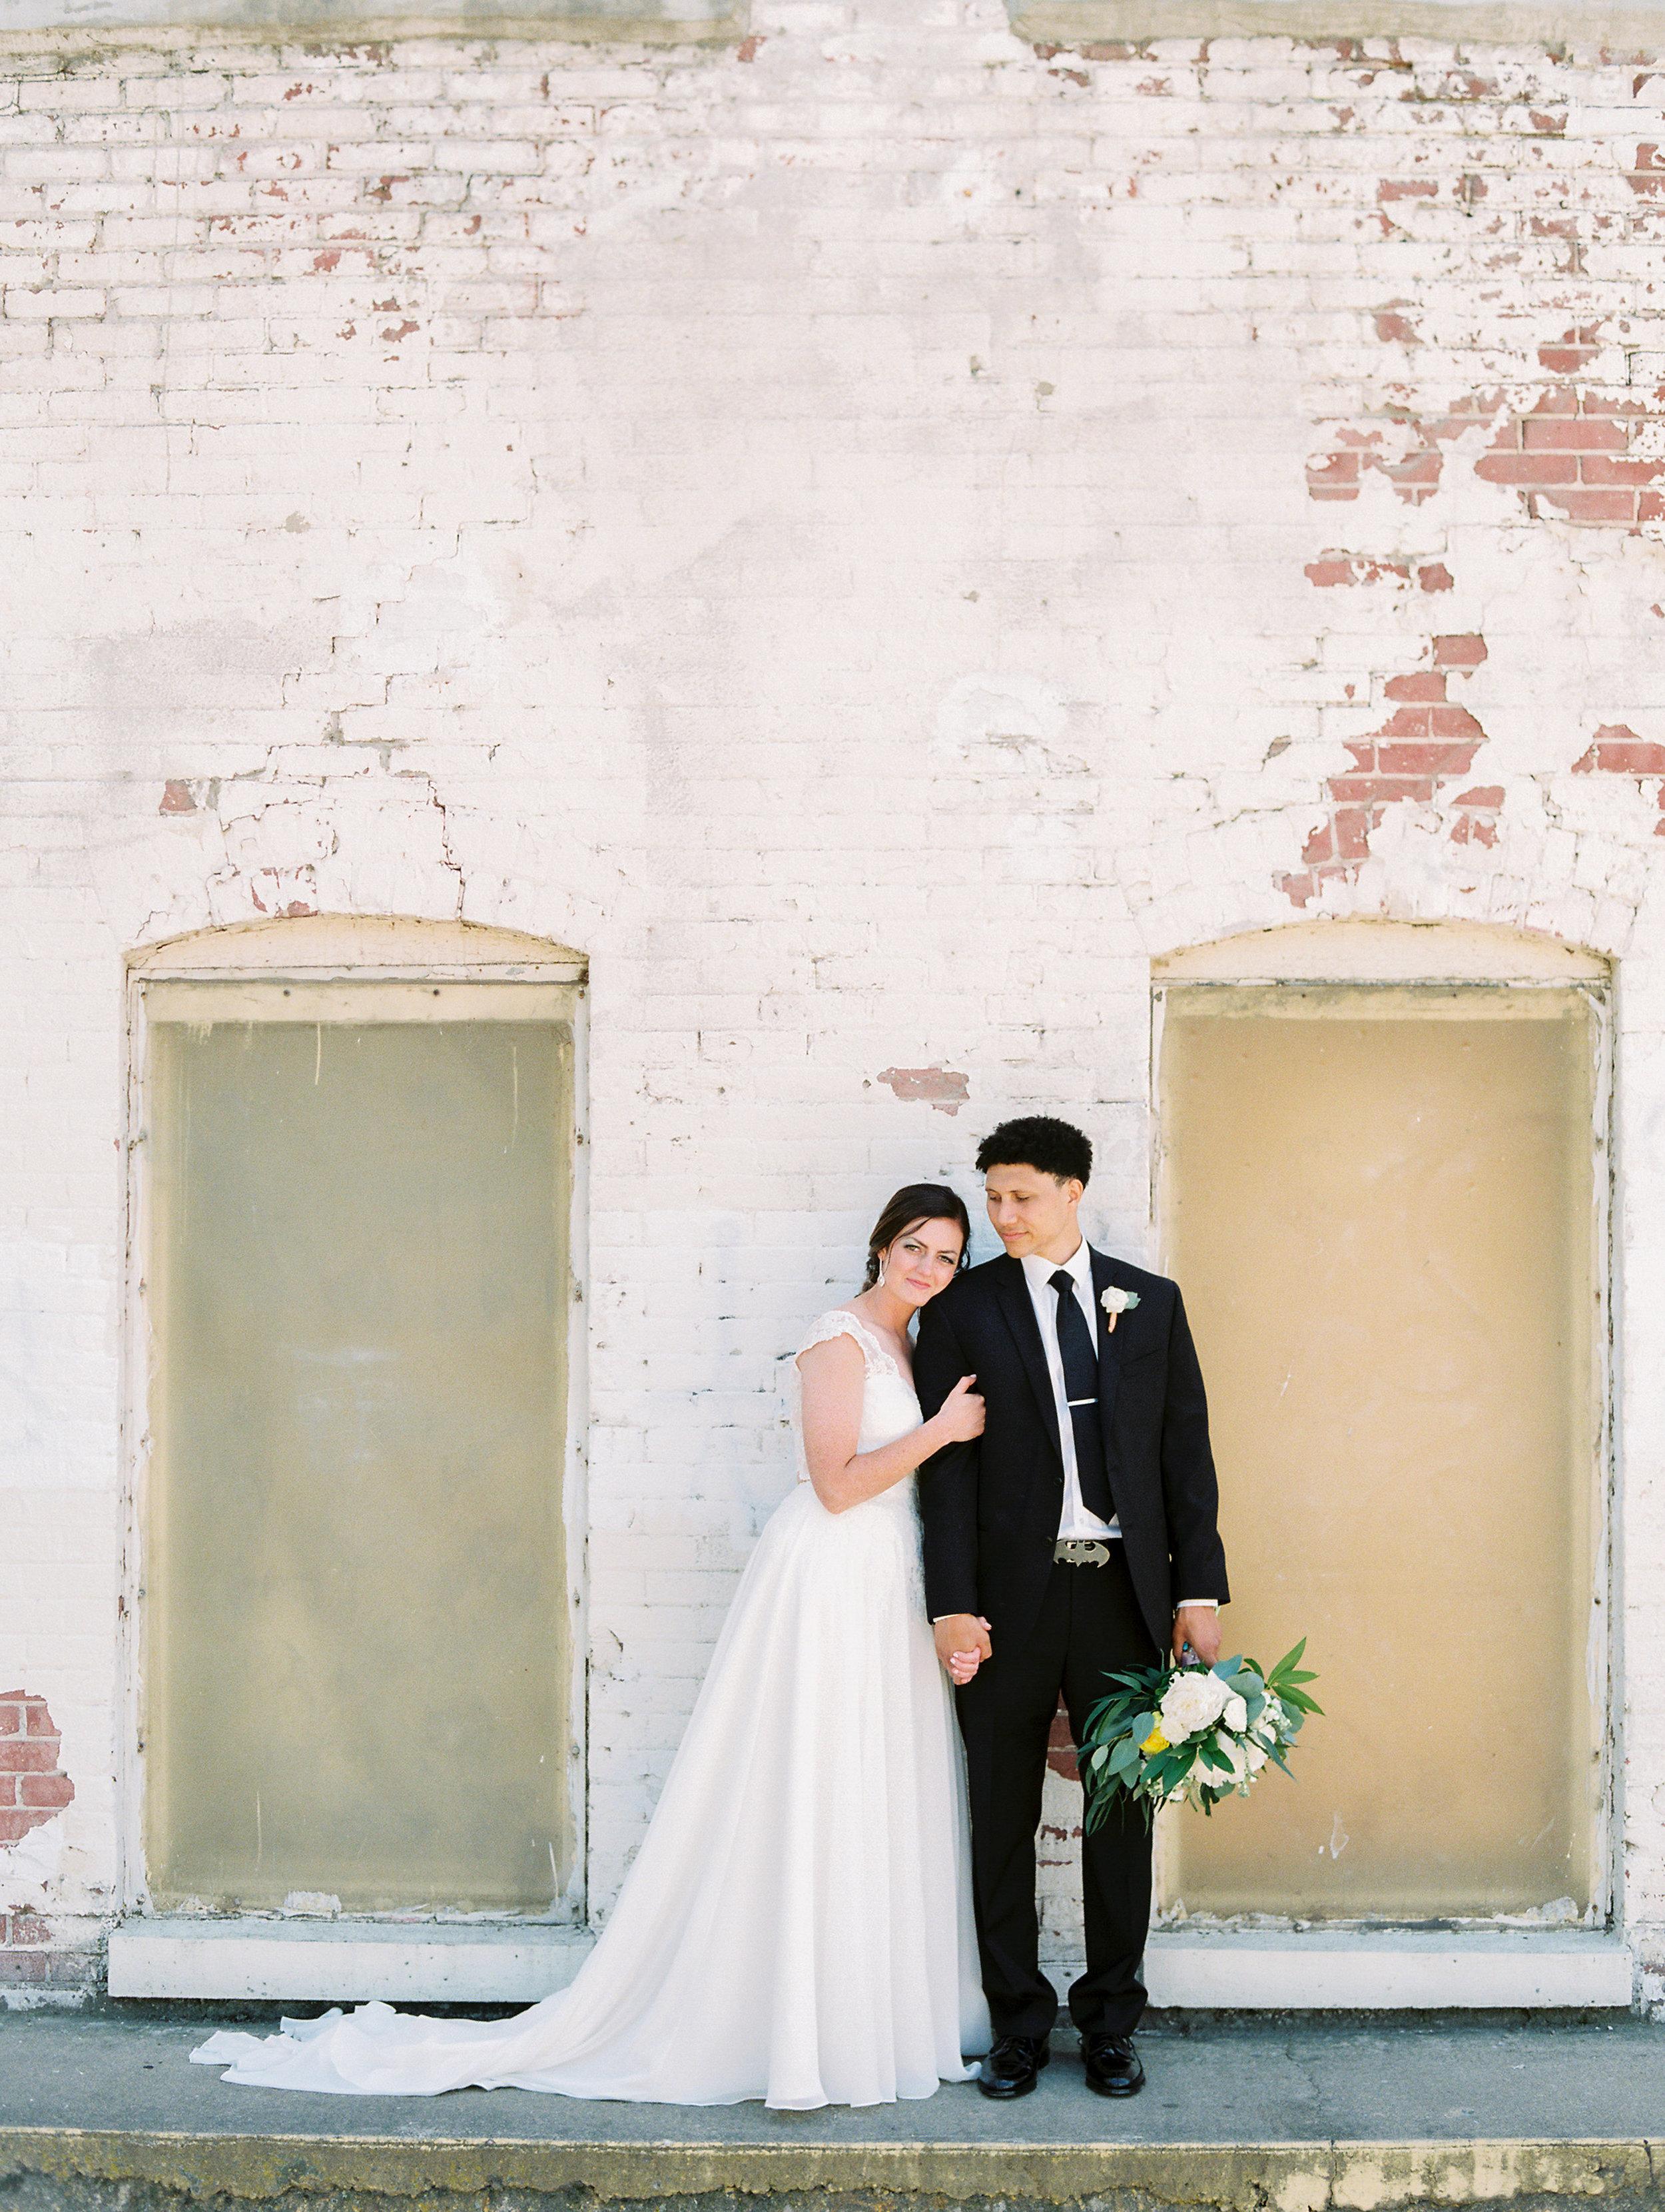 Julius+Wedding+BridalPartyf-24.jpg